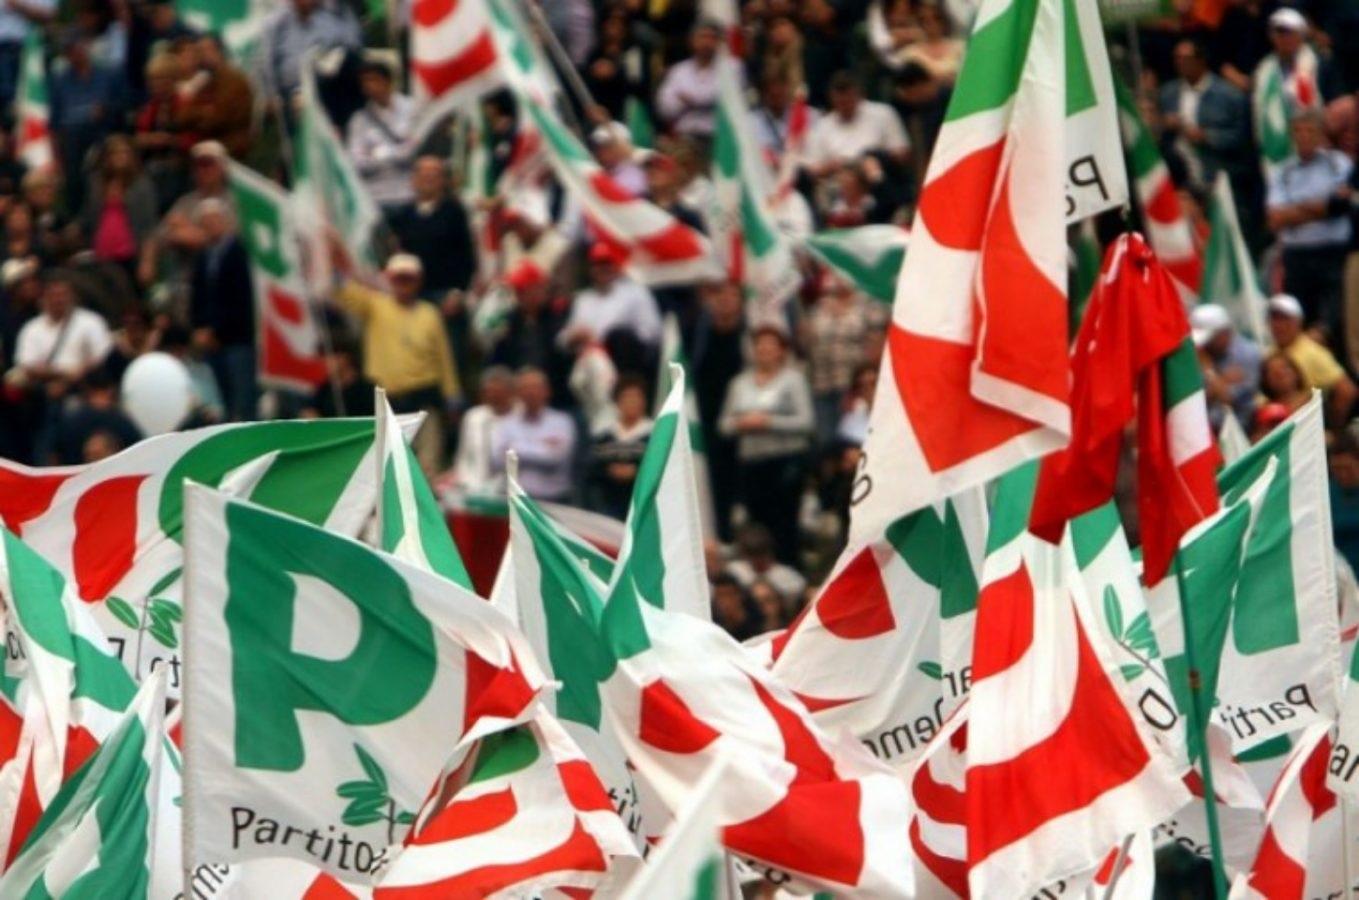 Il 30 settembre in piazza a Roma. I treni da Milano